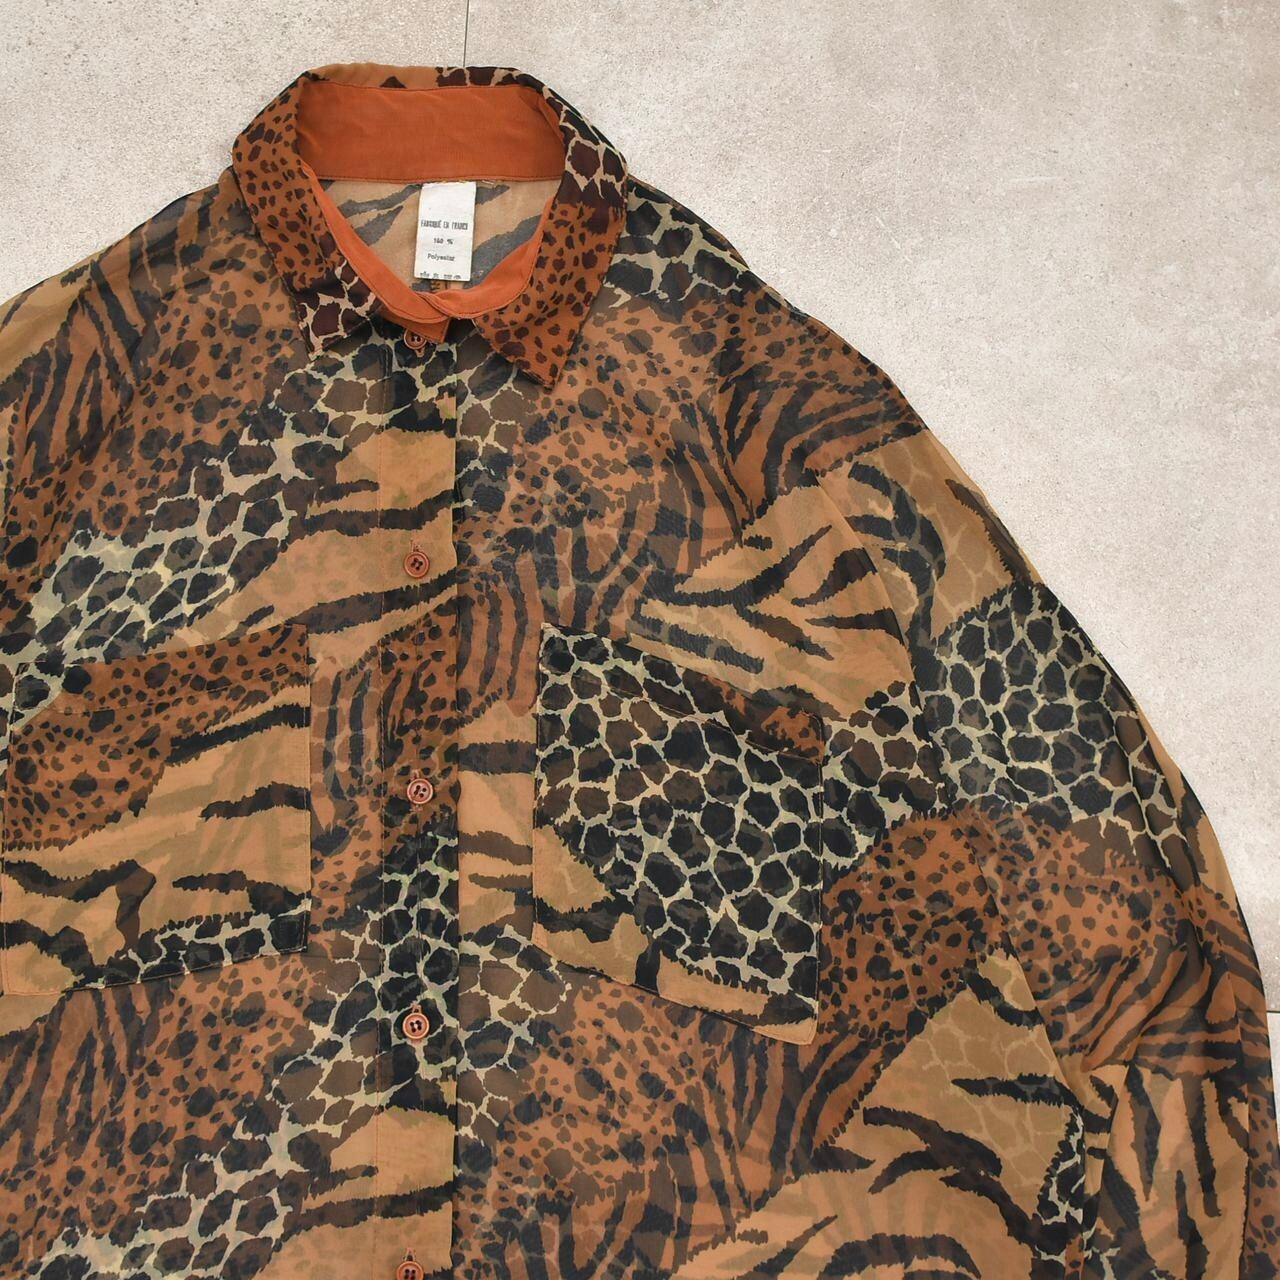 French vtg animal crazy pattern sheer shirt